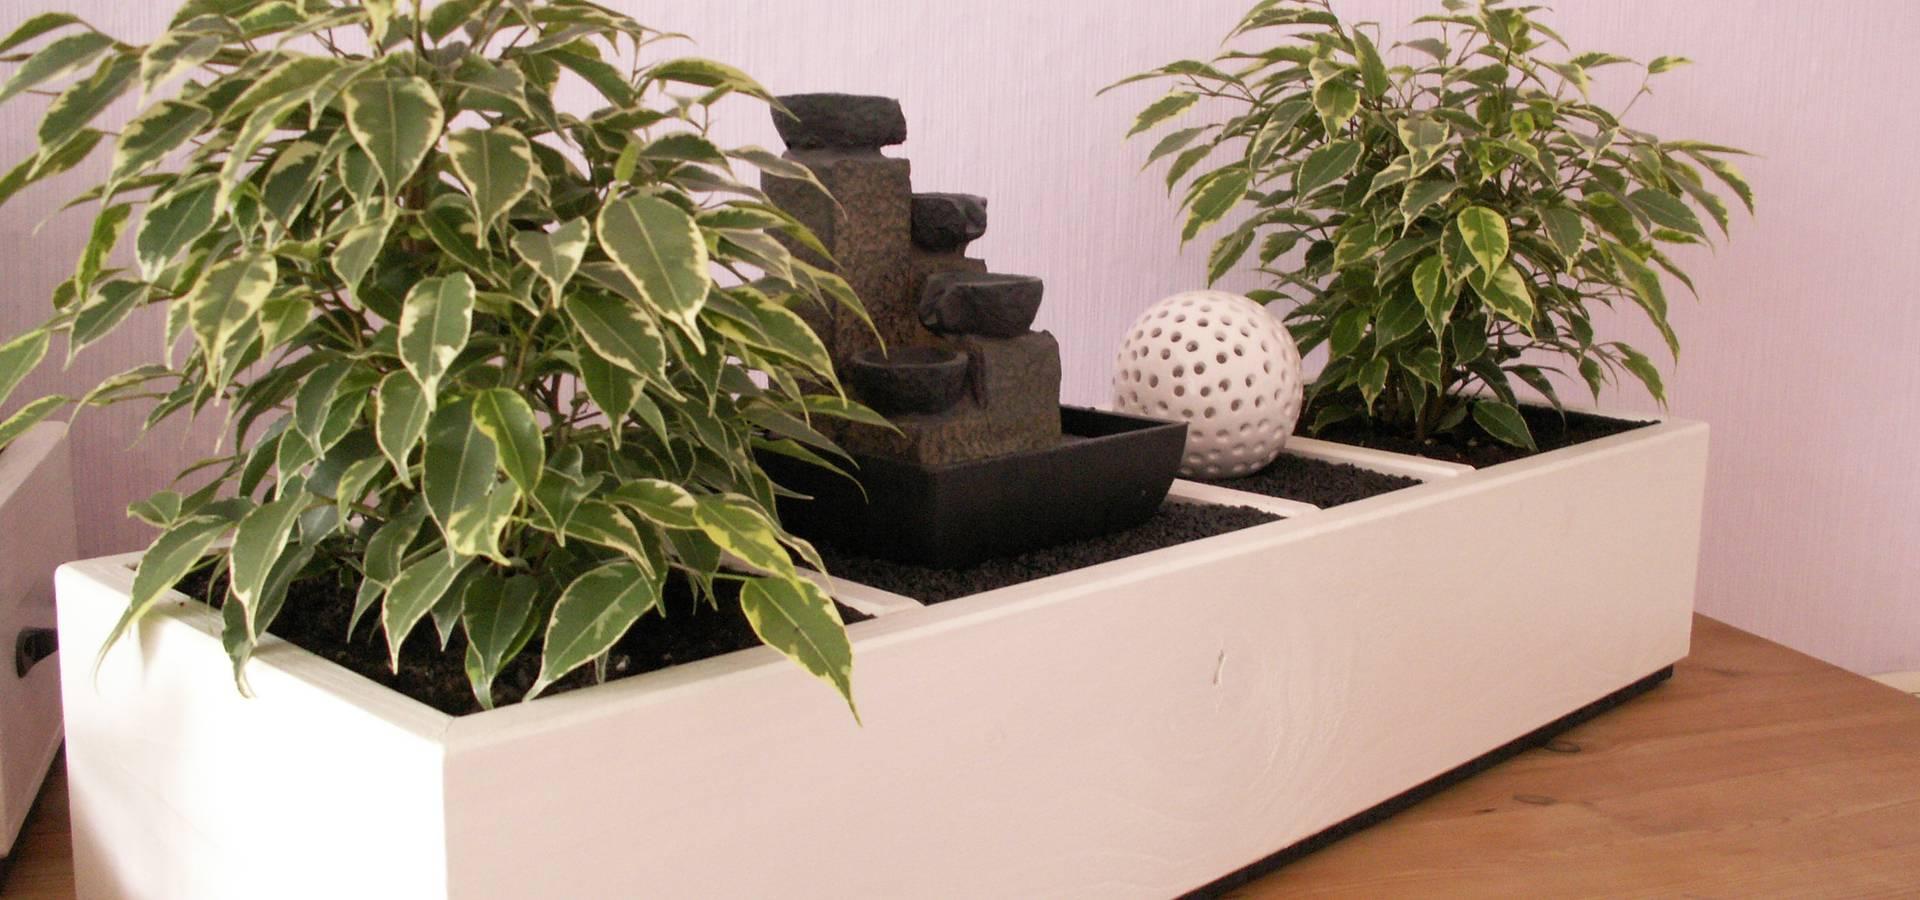 Cool Homify Garten Galerie Von Garten. Wohnraum. Umwelt.